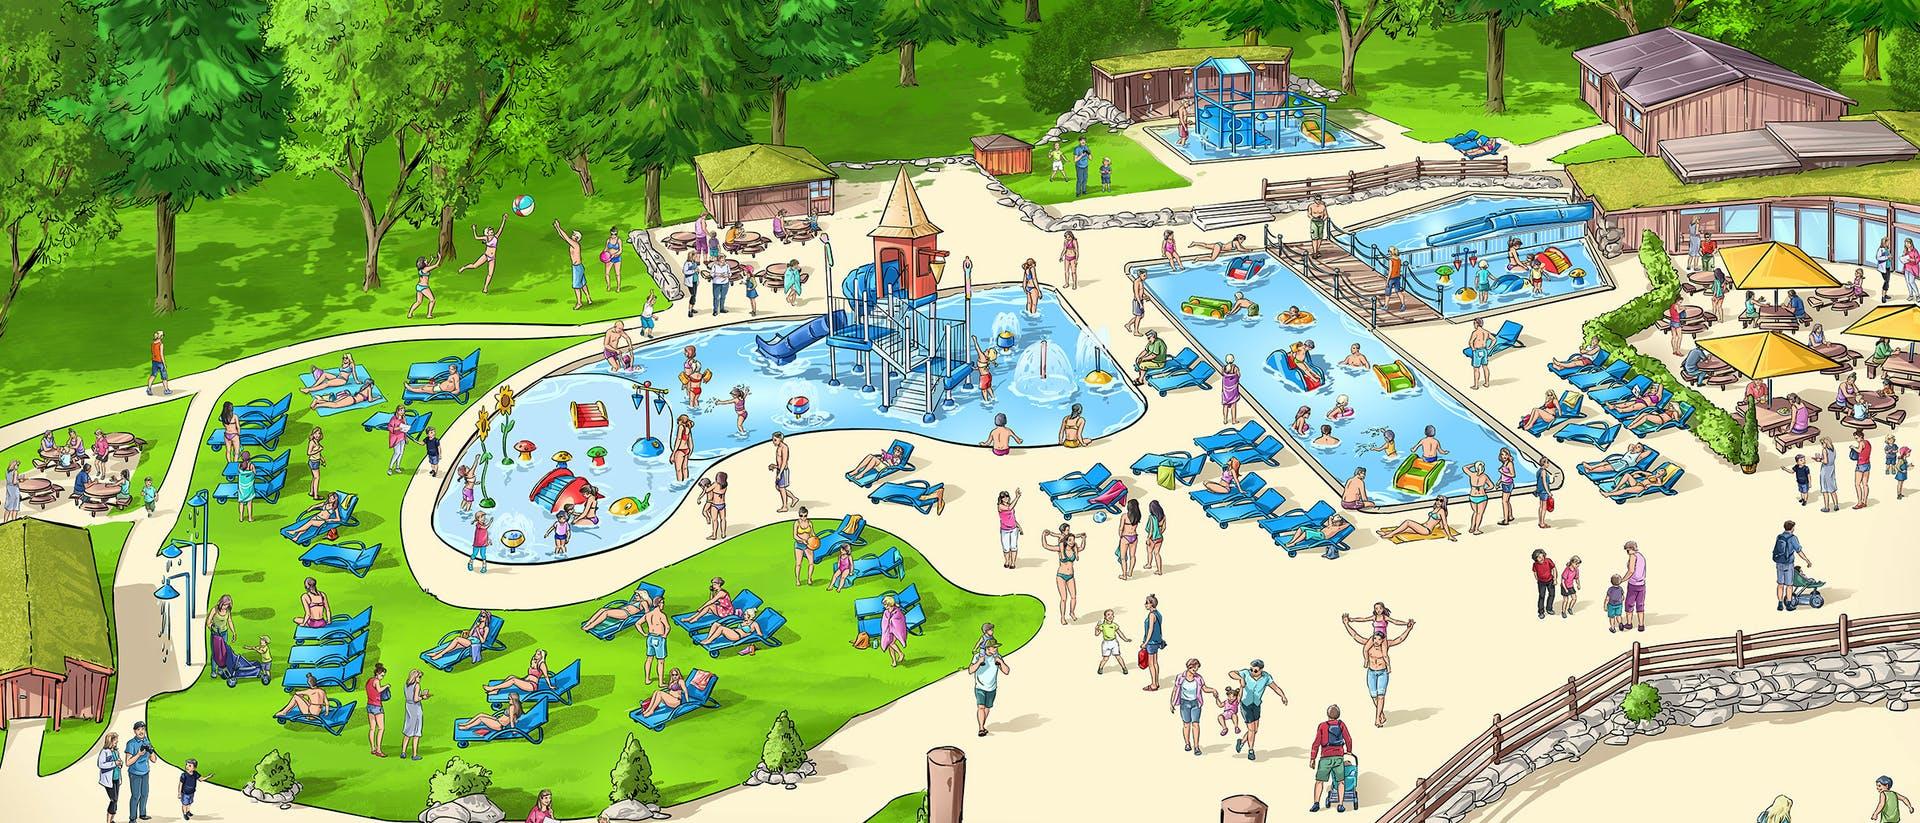 Skisse av badeanlegget Hunderfossen Eventyrpark